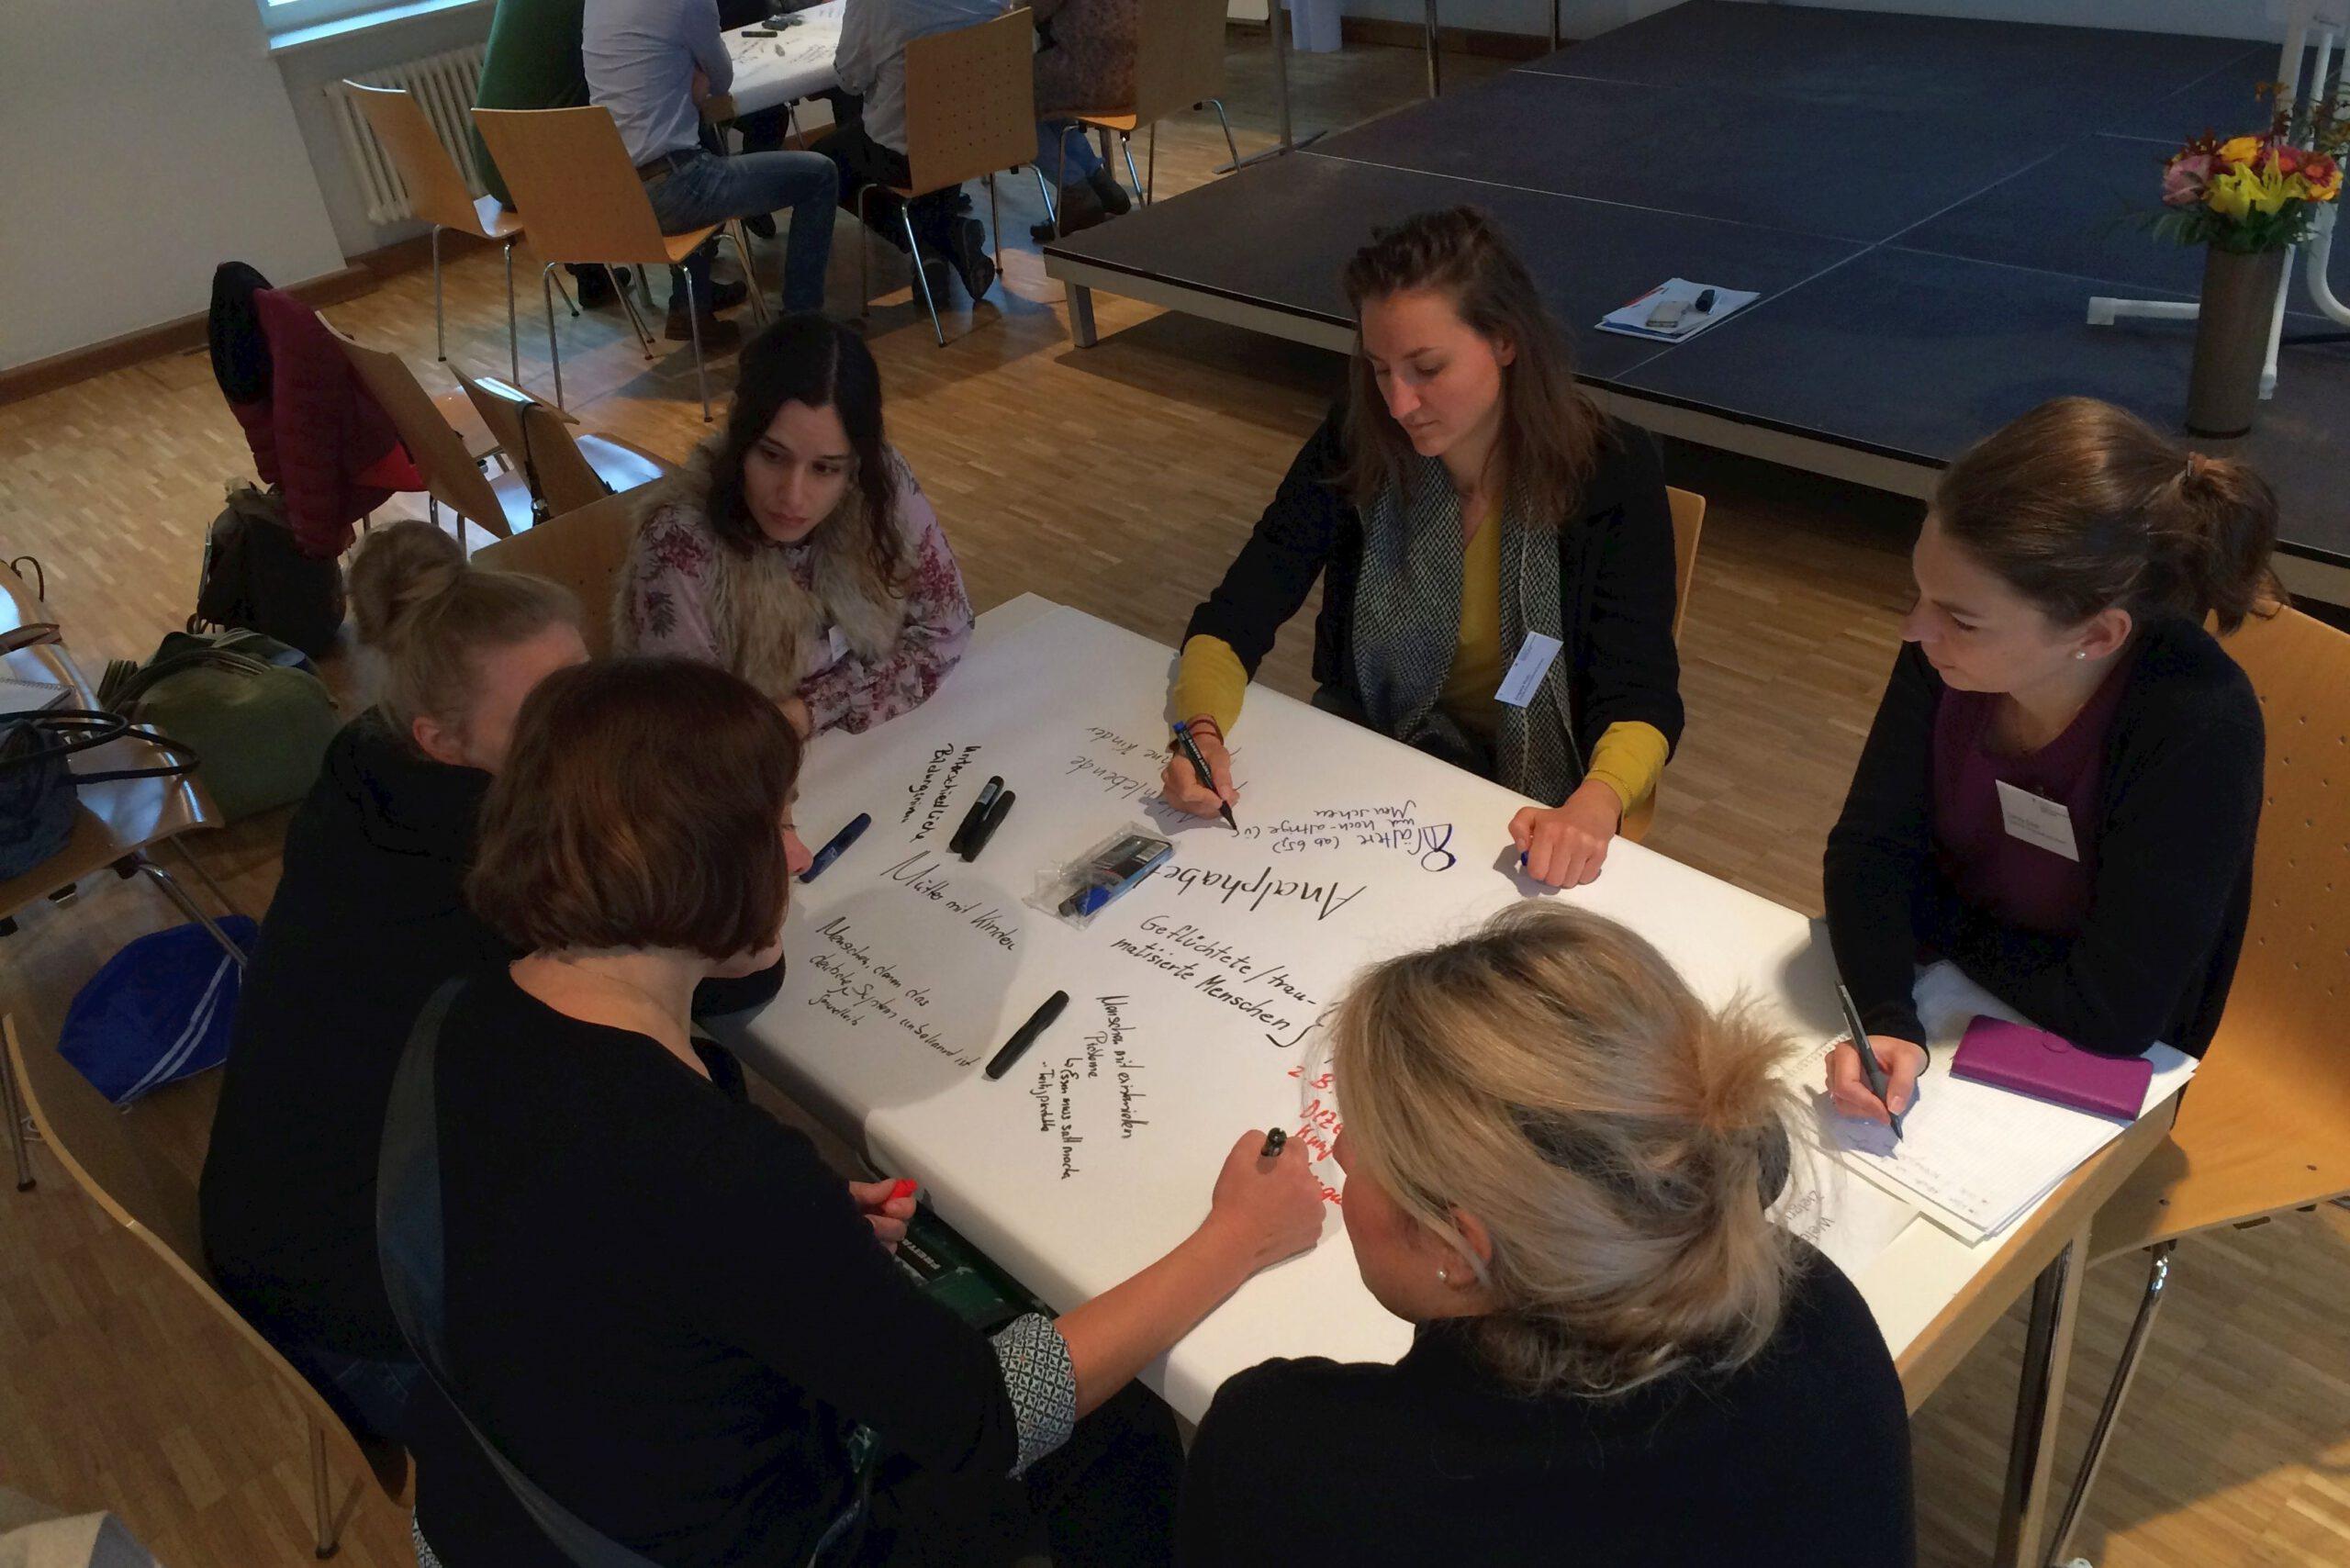 PlanTreff: Plattform zur Stadtentwicklung - mitdenken, mitreden, mitplanen